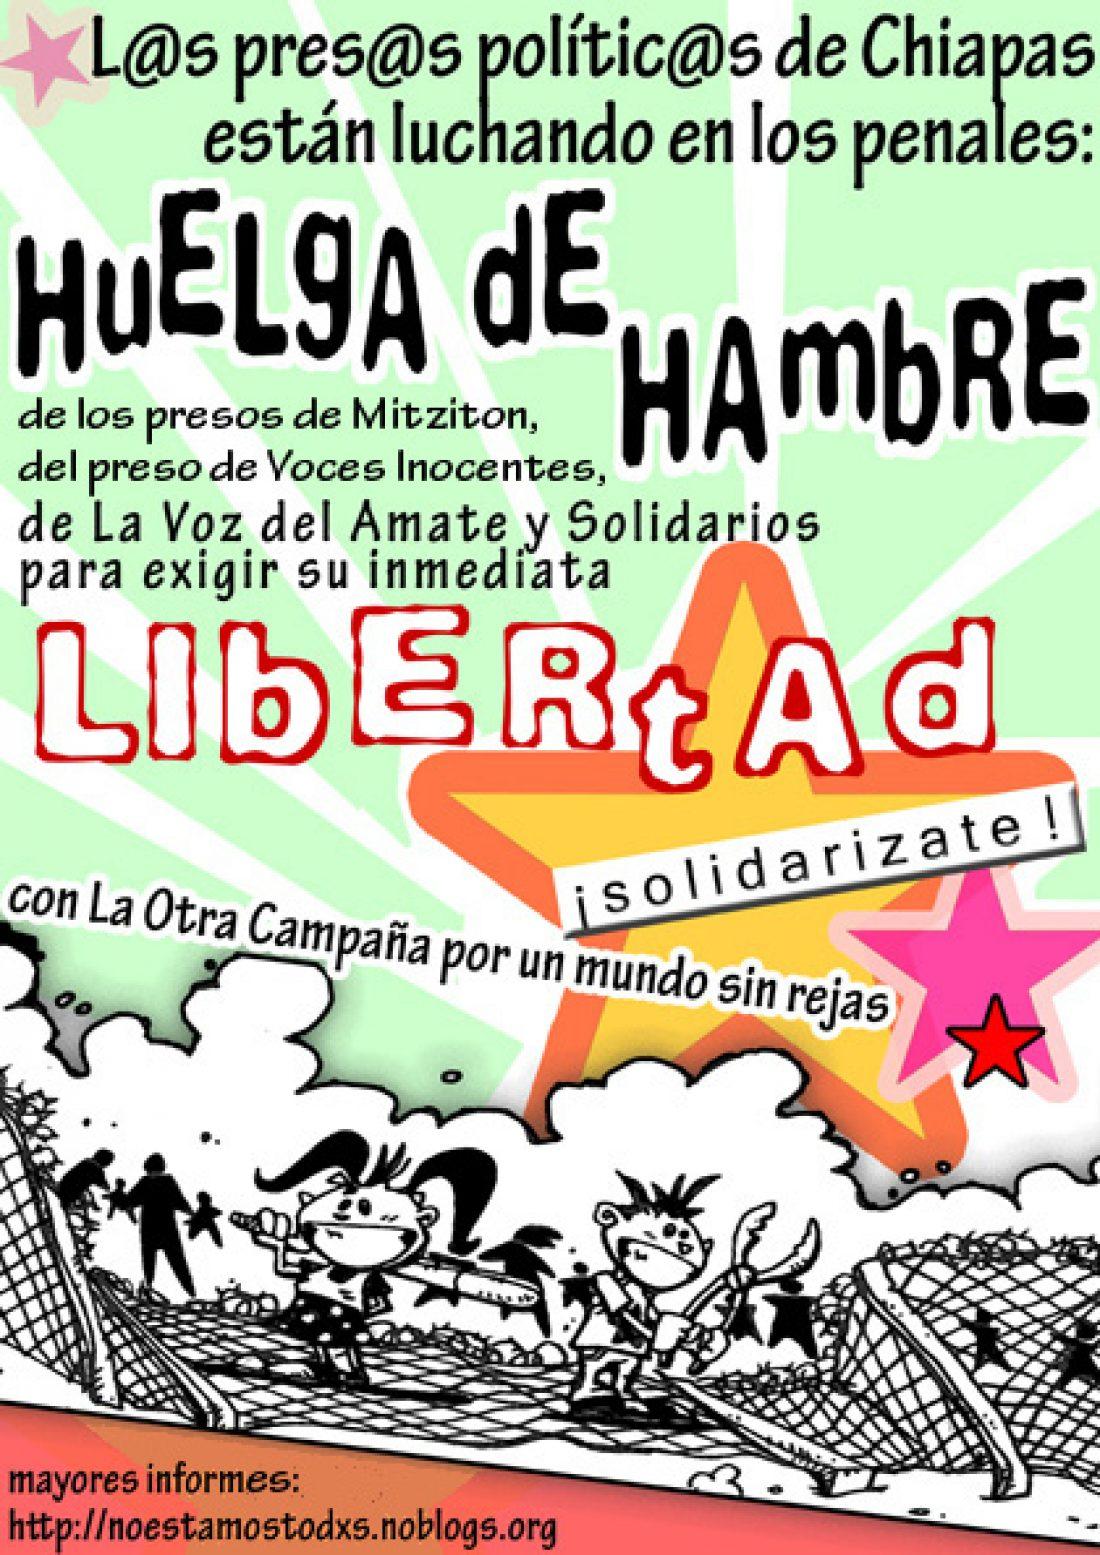 Crónica de las acciones de CGT en 7 ciudades por los pres@s en huelga de Sinaloa y Chiapas